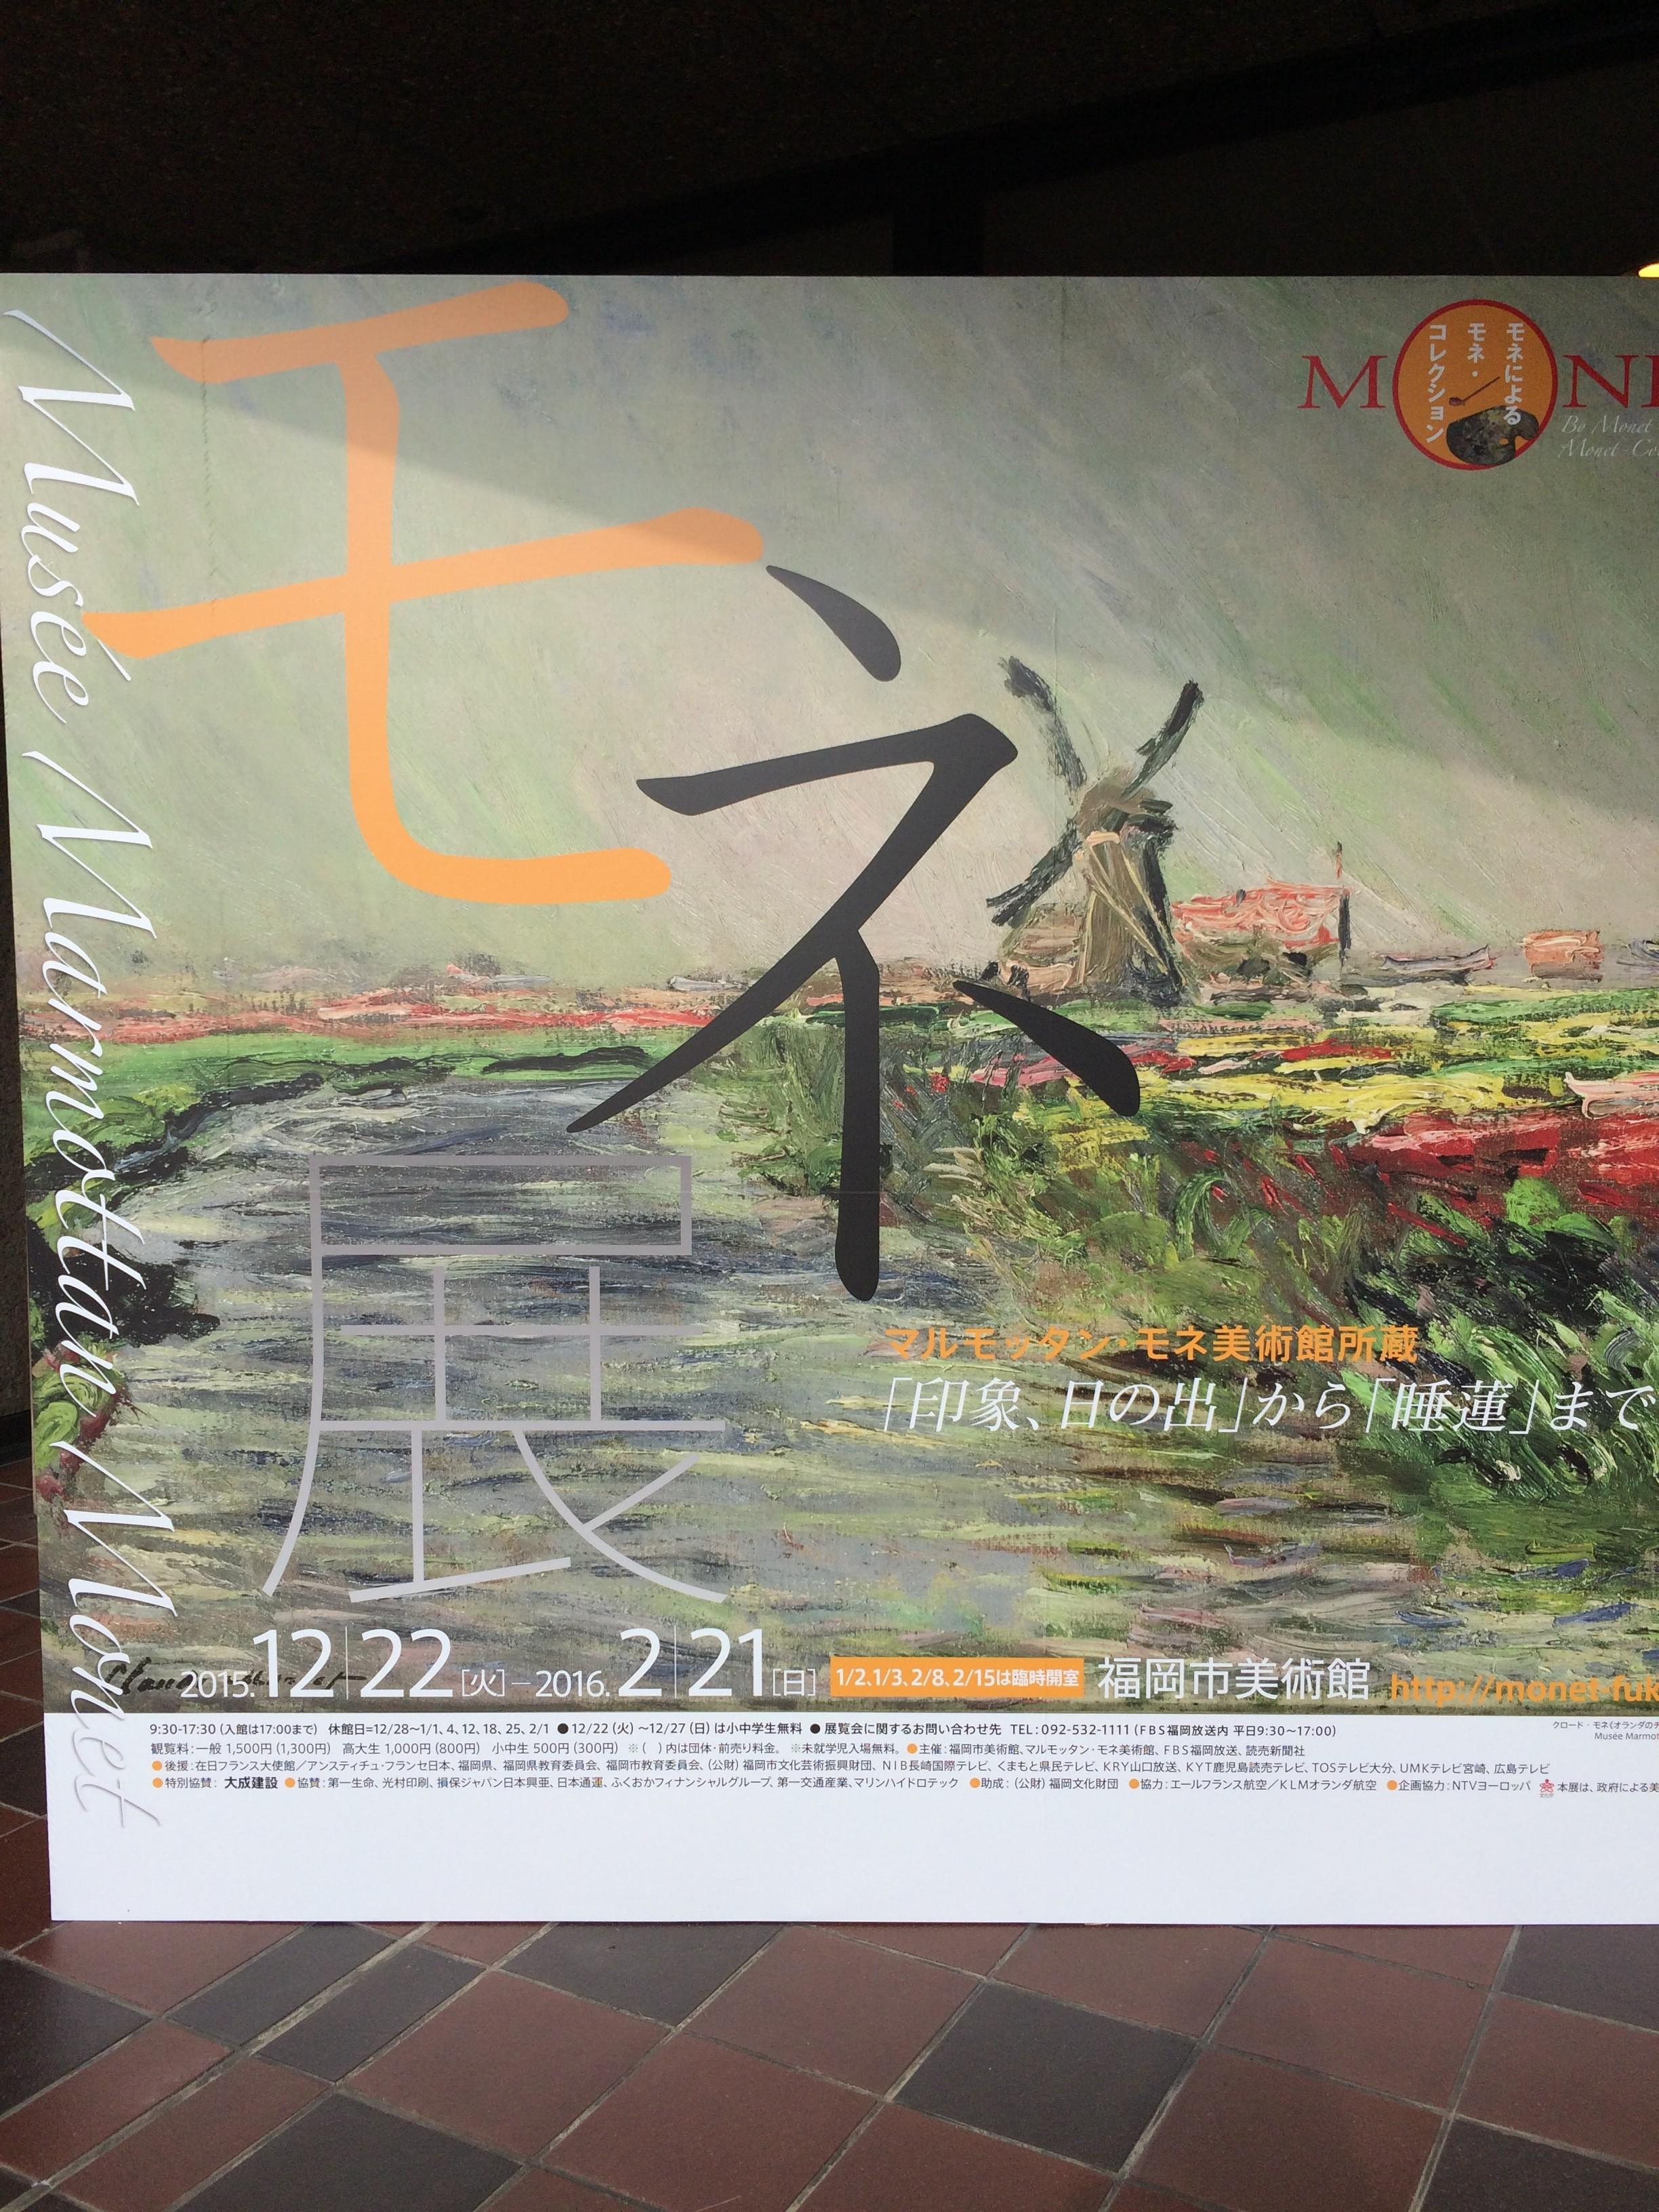 モネ展 福岡市美術館